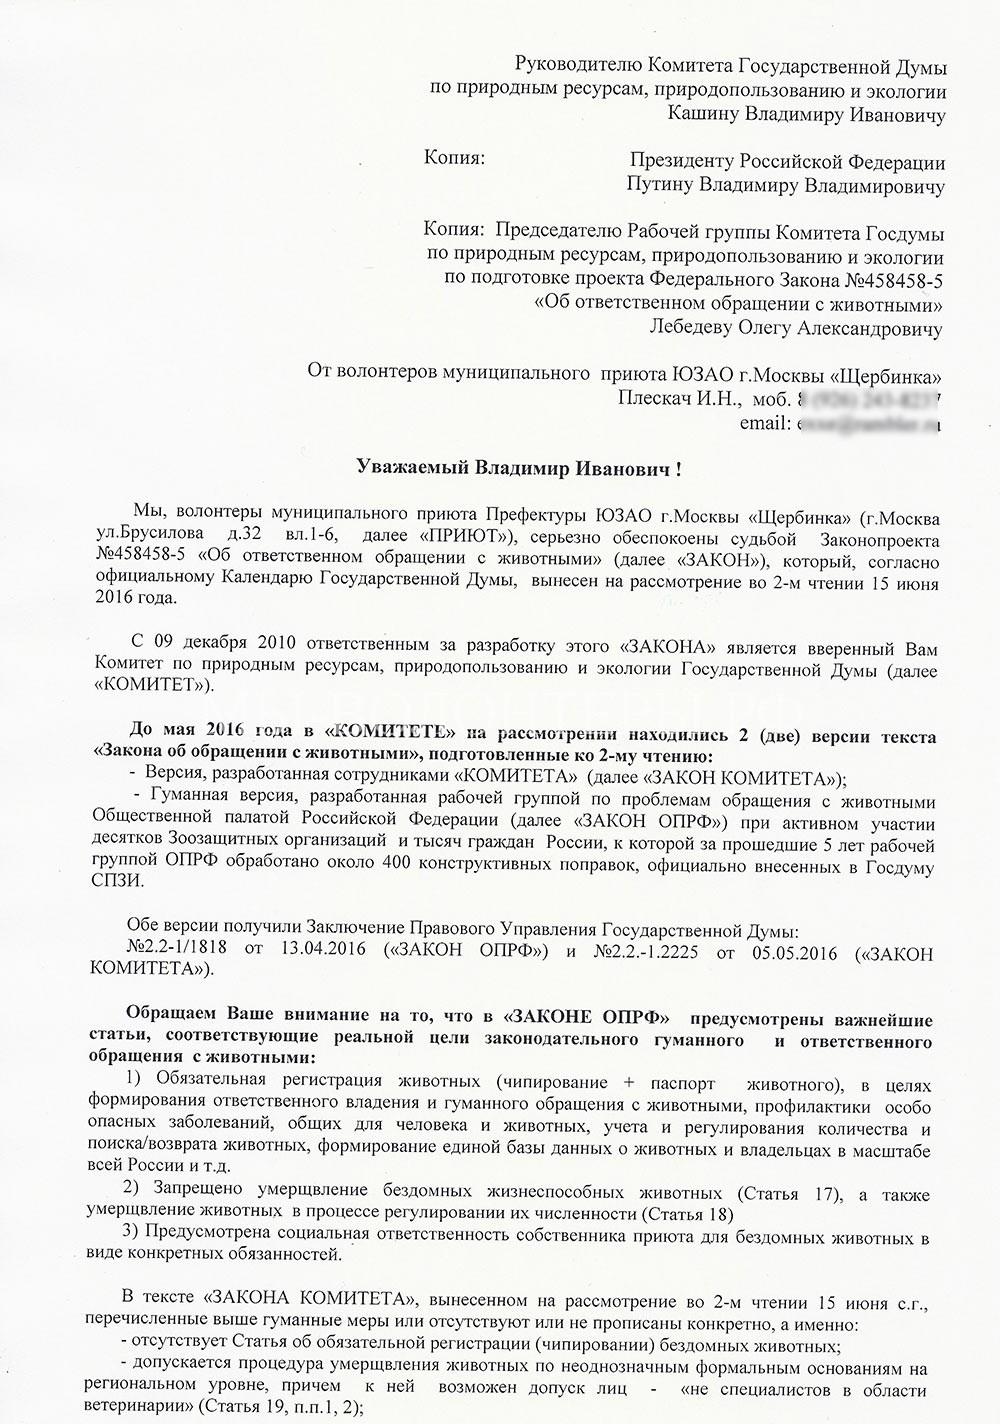 2016-07-08_Обращение-волонтеров-КАШИНУ-СКАН-SMALL